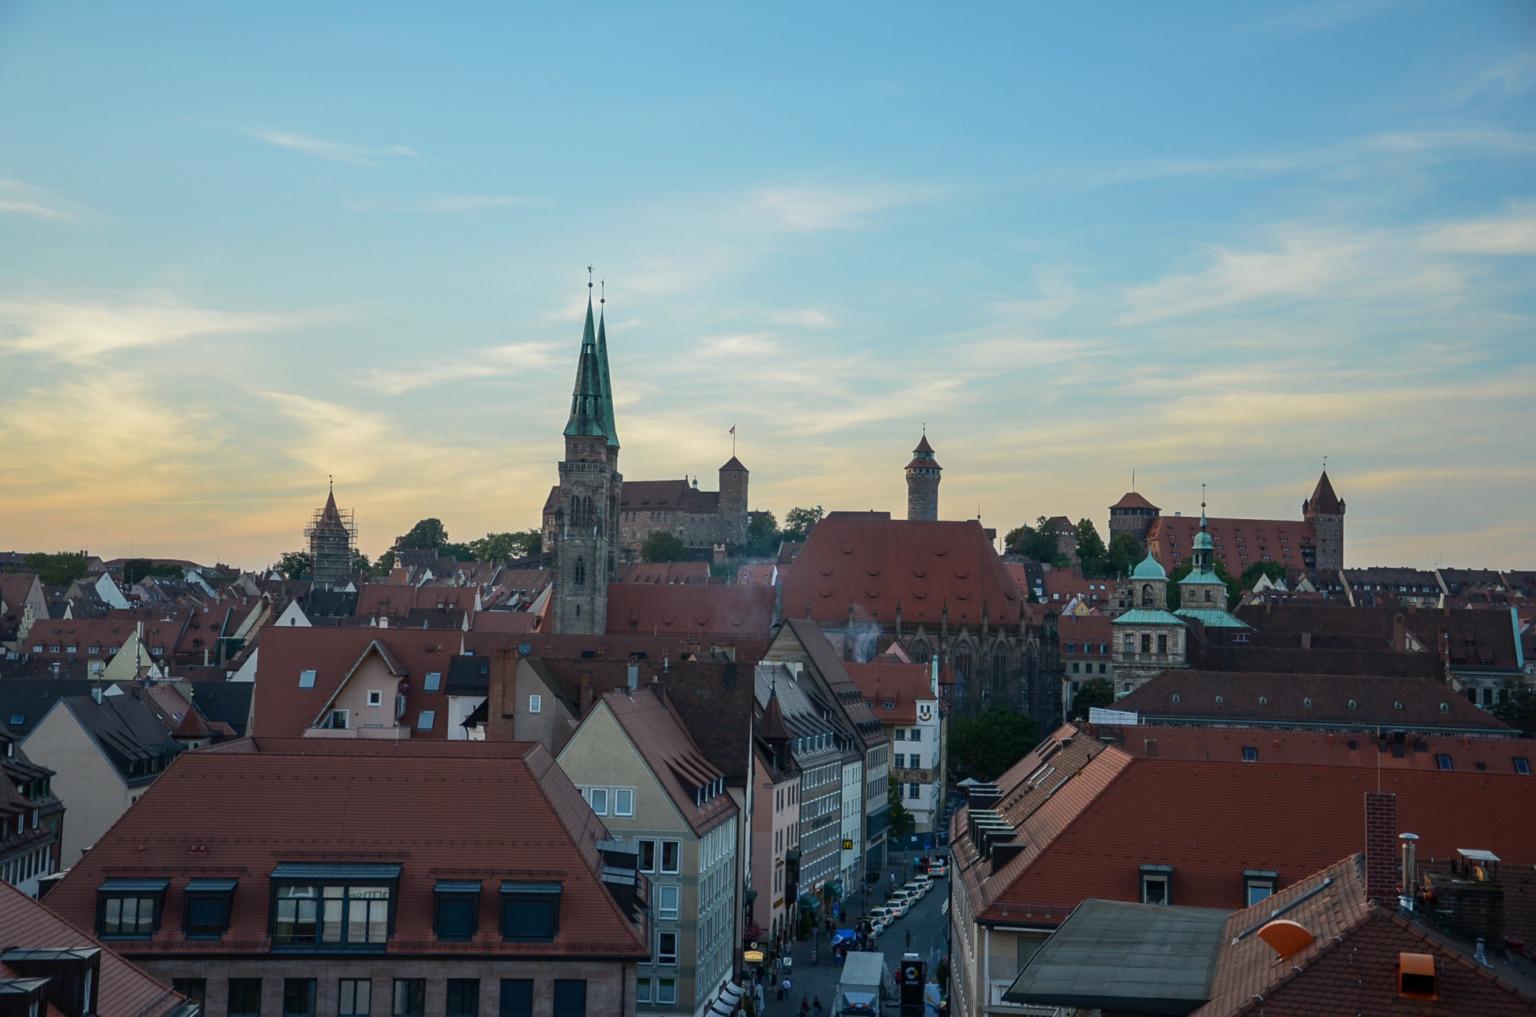 Als Reiseziel im November können wir auch Nürnberg empfehlen